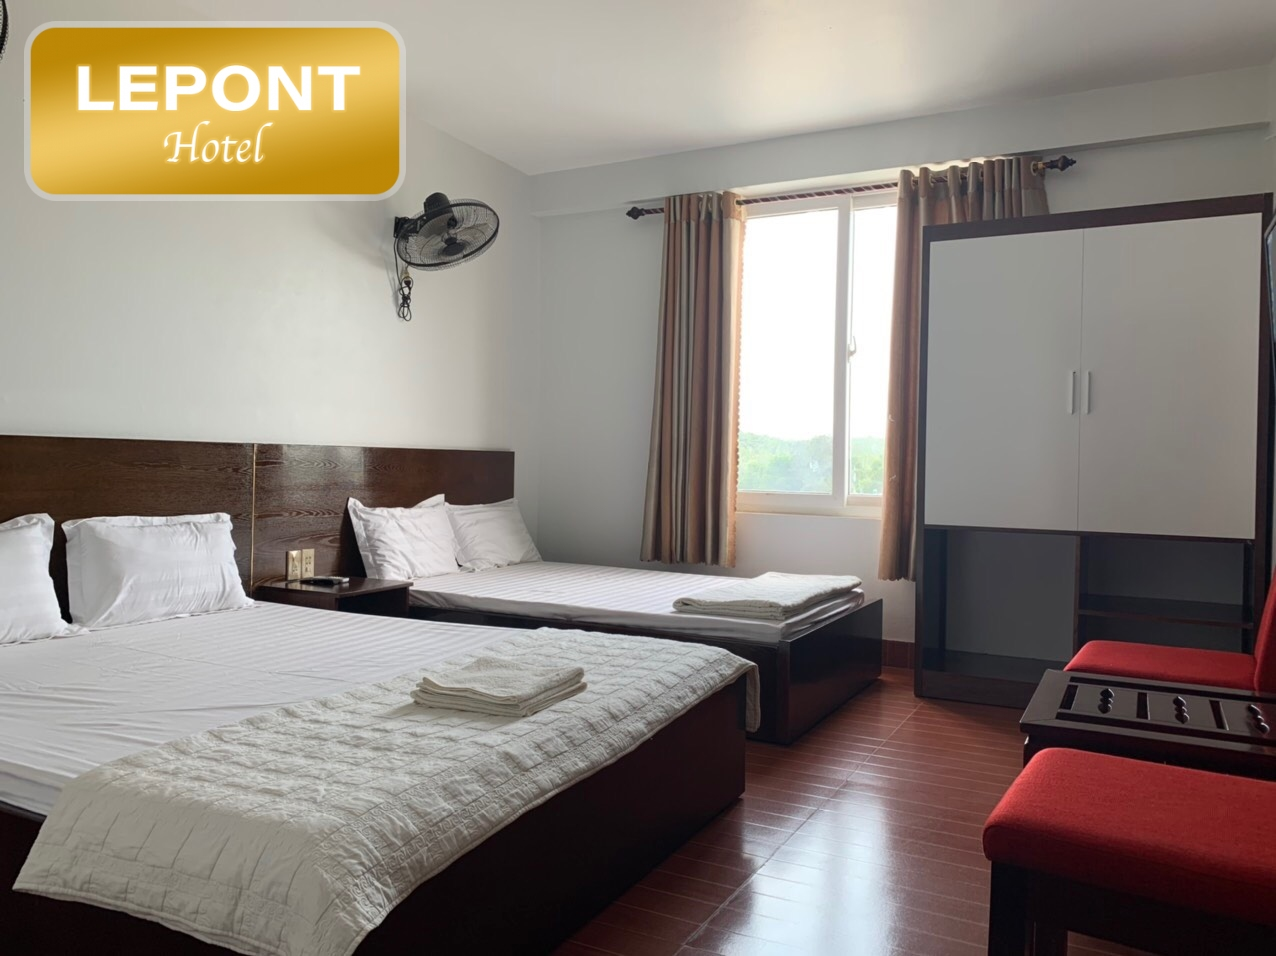 khách sạn Le point Minh Châu